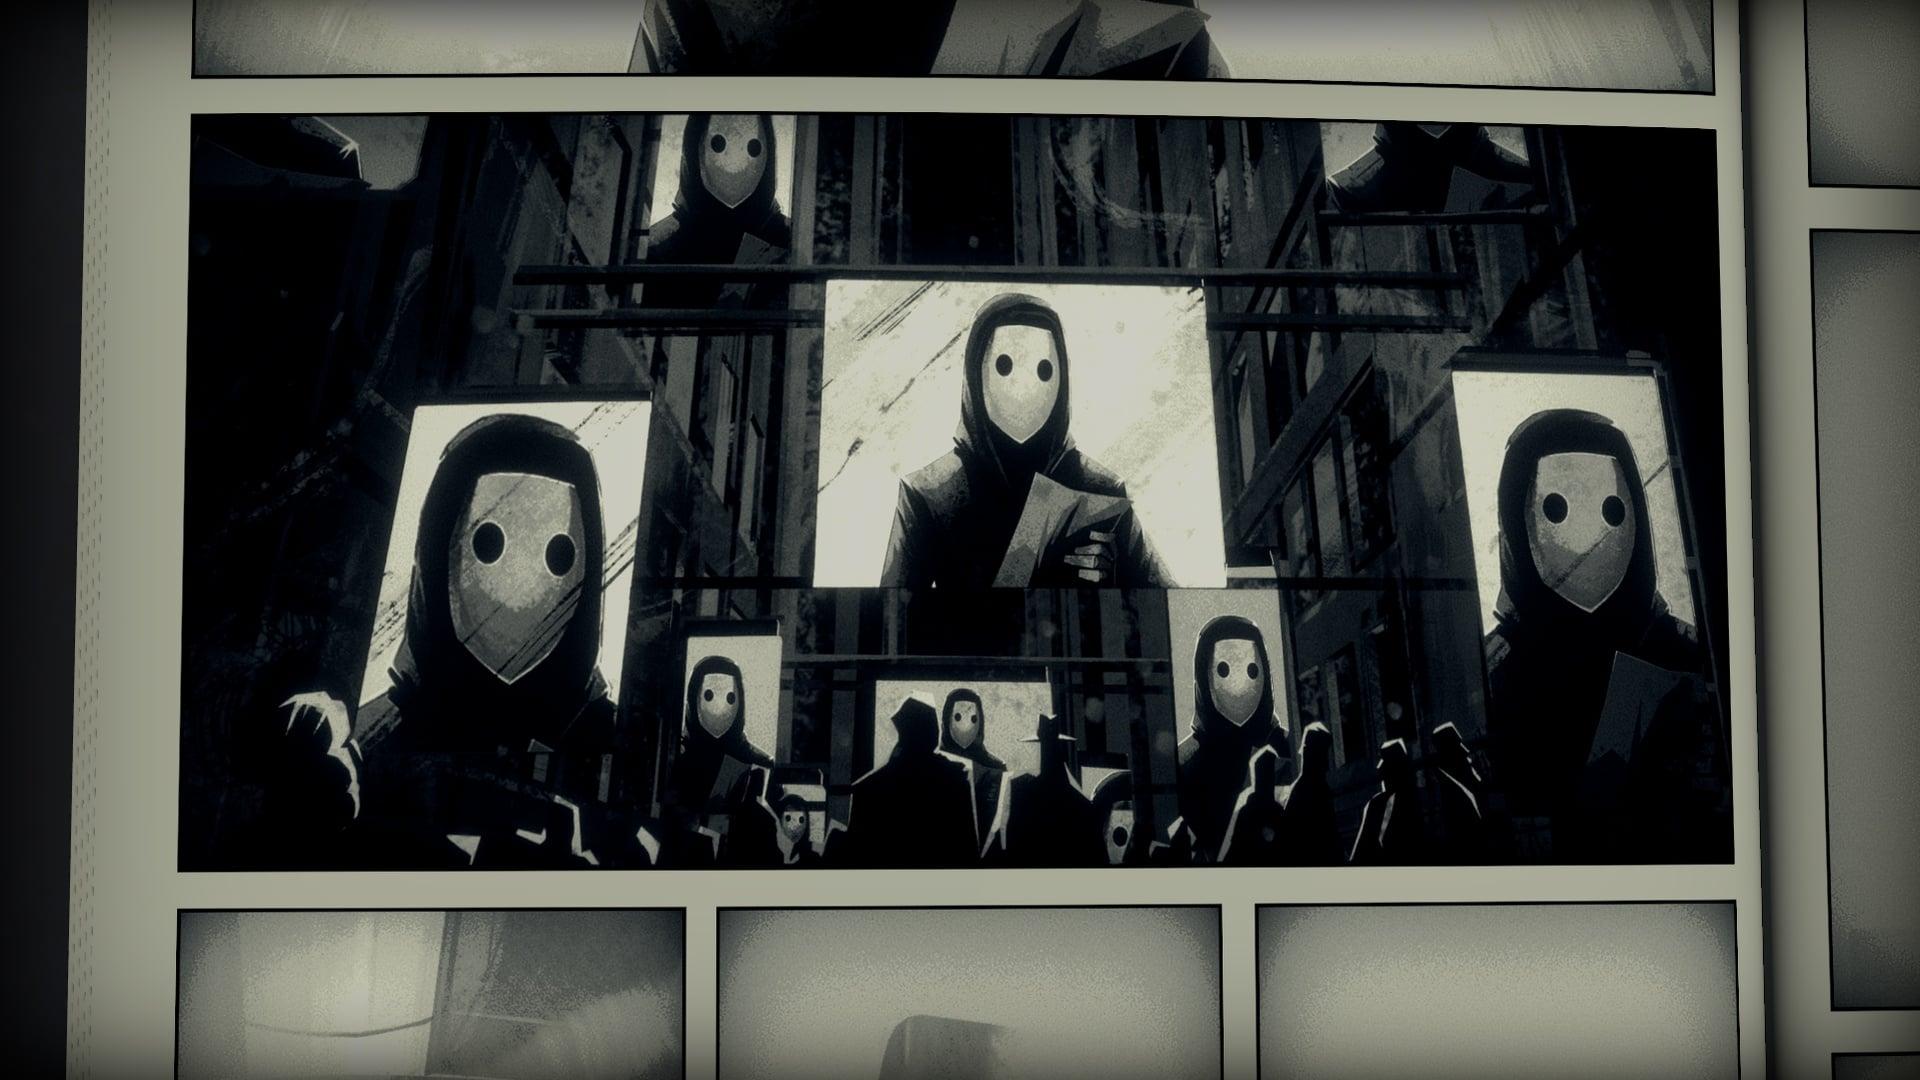 Atomic Wolf Annuncia Liberated E Il Suo Futuro Distopico 4 - Hynerd.it